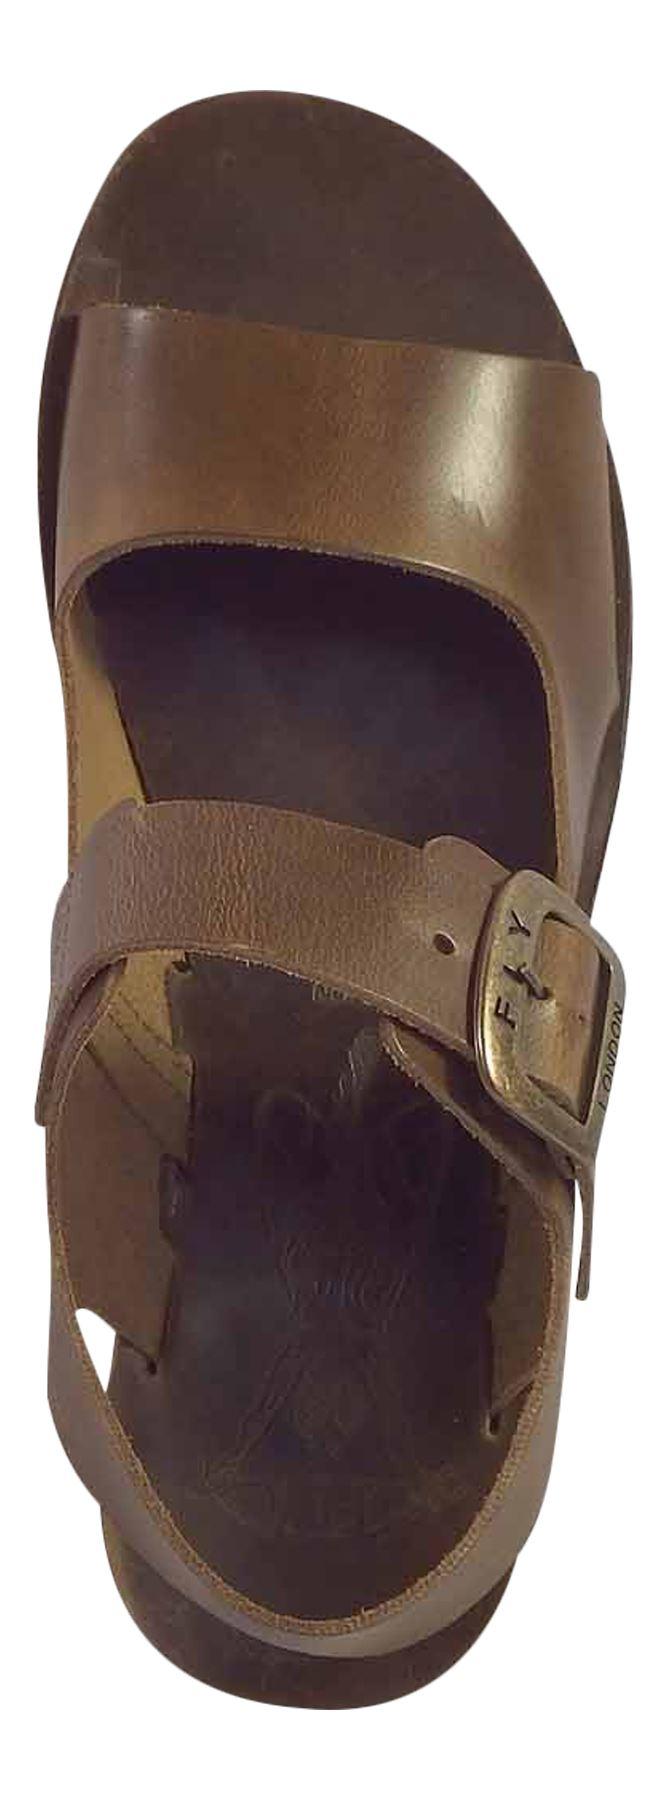 fly london mesdames yoko sandale yail 907 luxe bride cuir sandale yoko summer sandales 220607